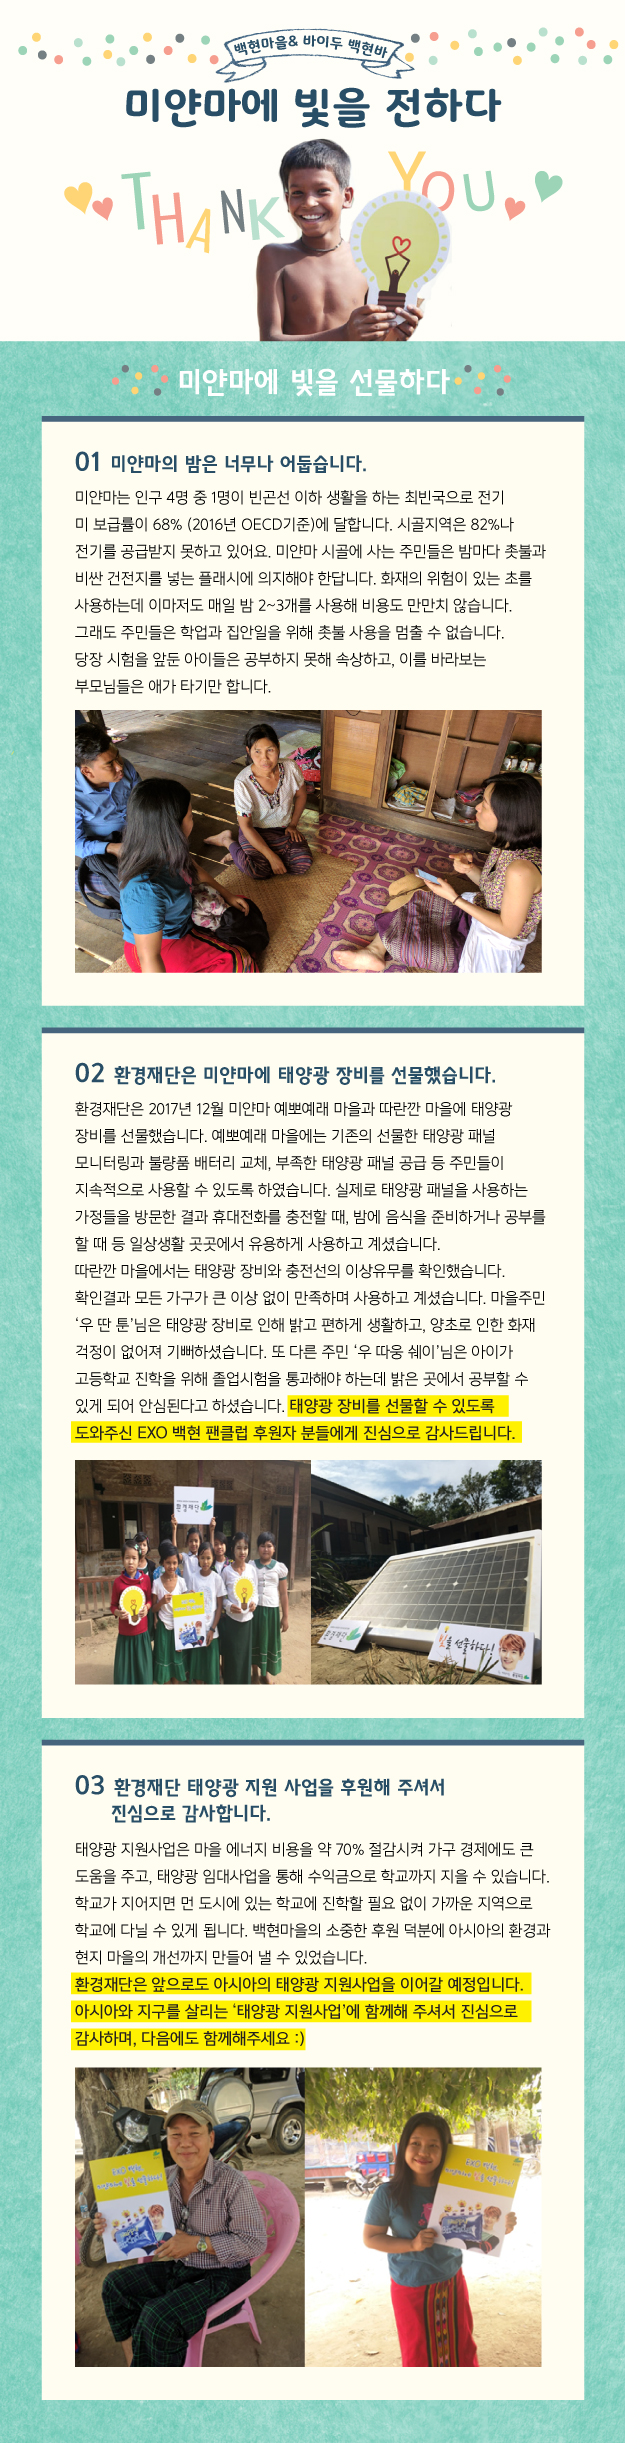 0305-백현-팬클럽-웹자보 - 최종.jpg